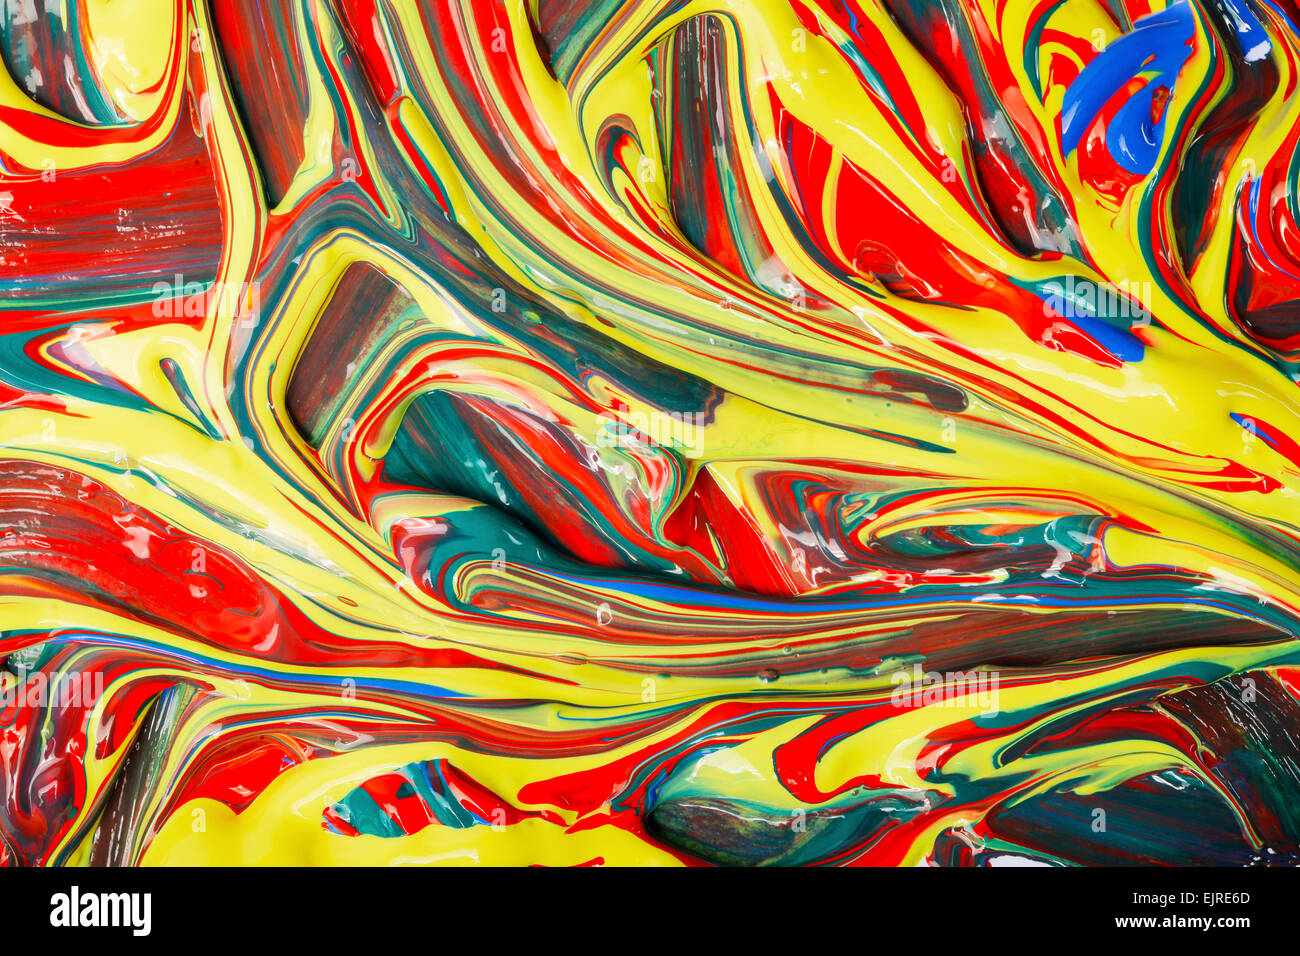 Diversi colori di artista vernici acriliche miscelate. Immagini Stock